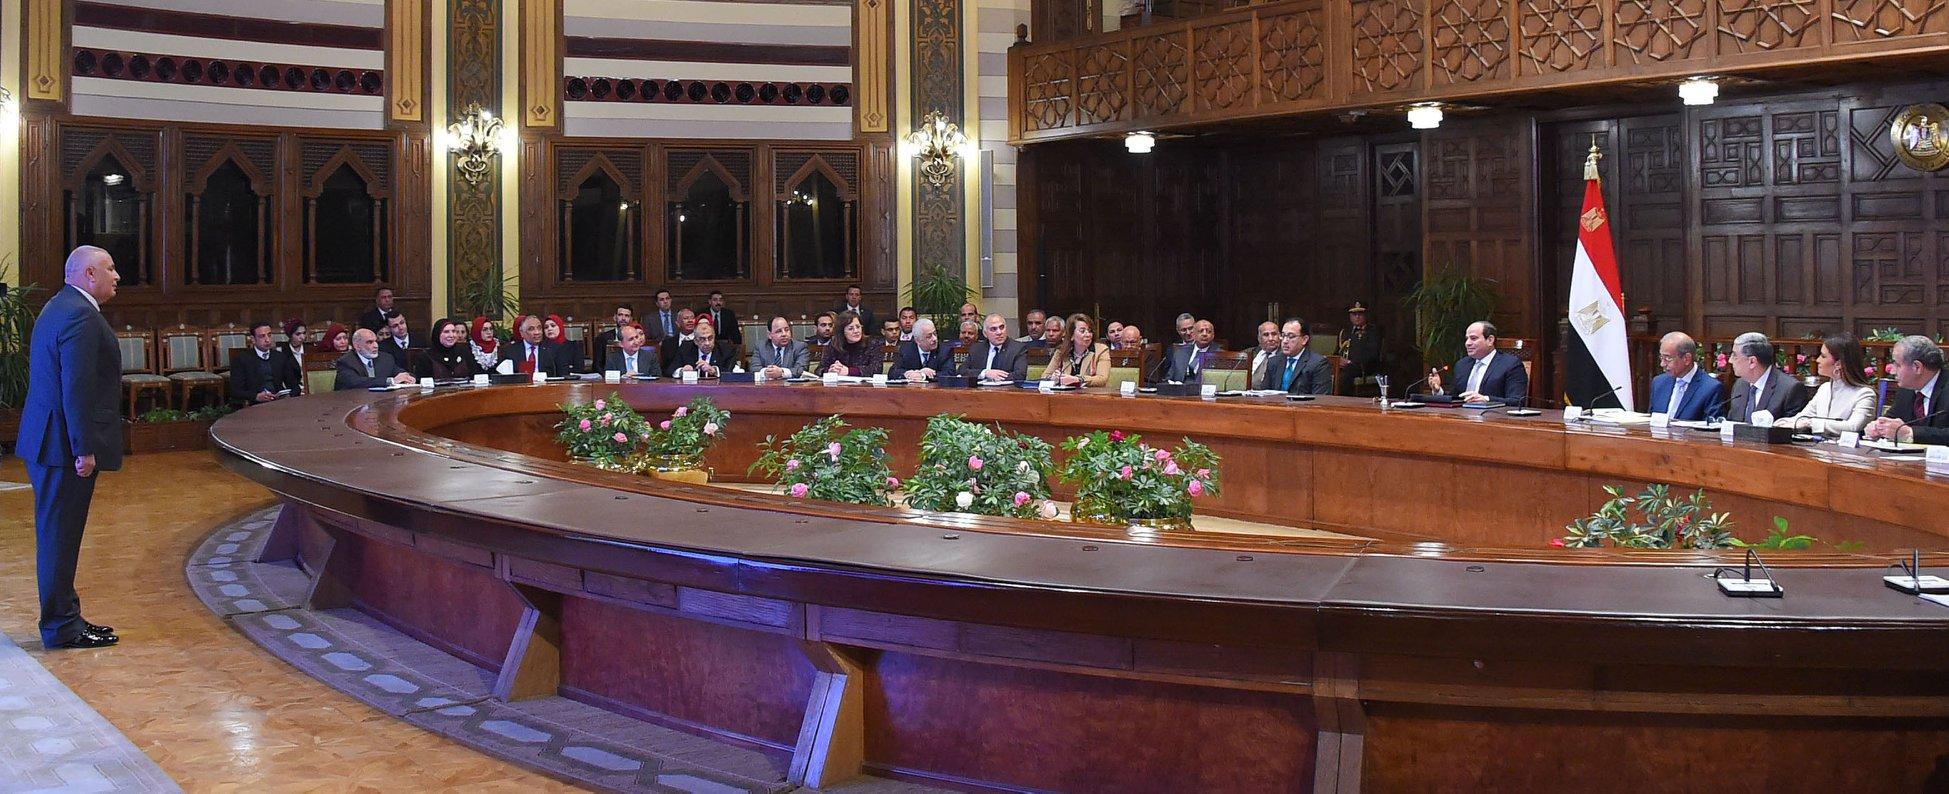 الرئيس السيسي: الوادي الجديد محافظة واعدة بفرص الاستثمار المتنوعة